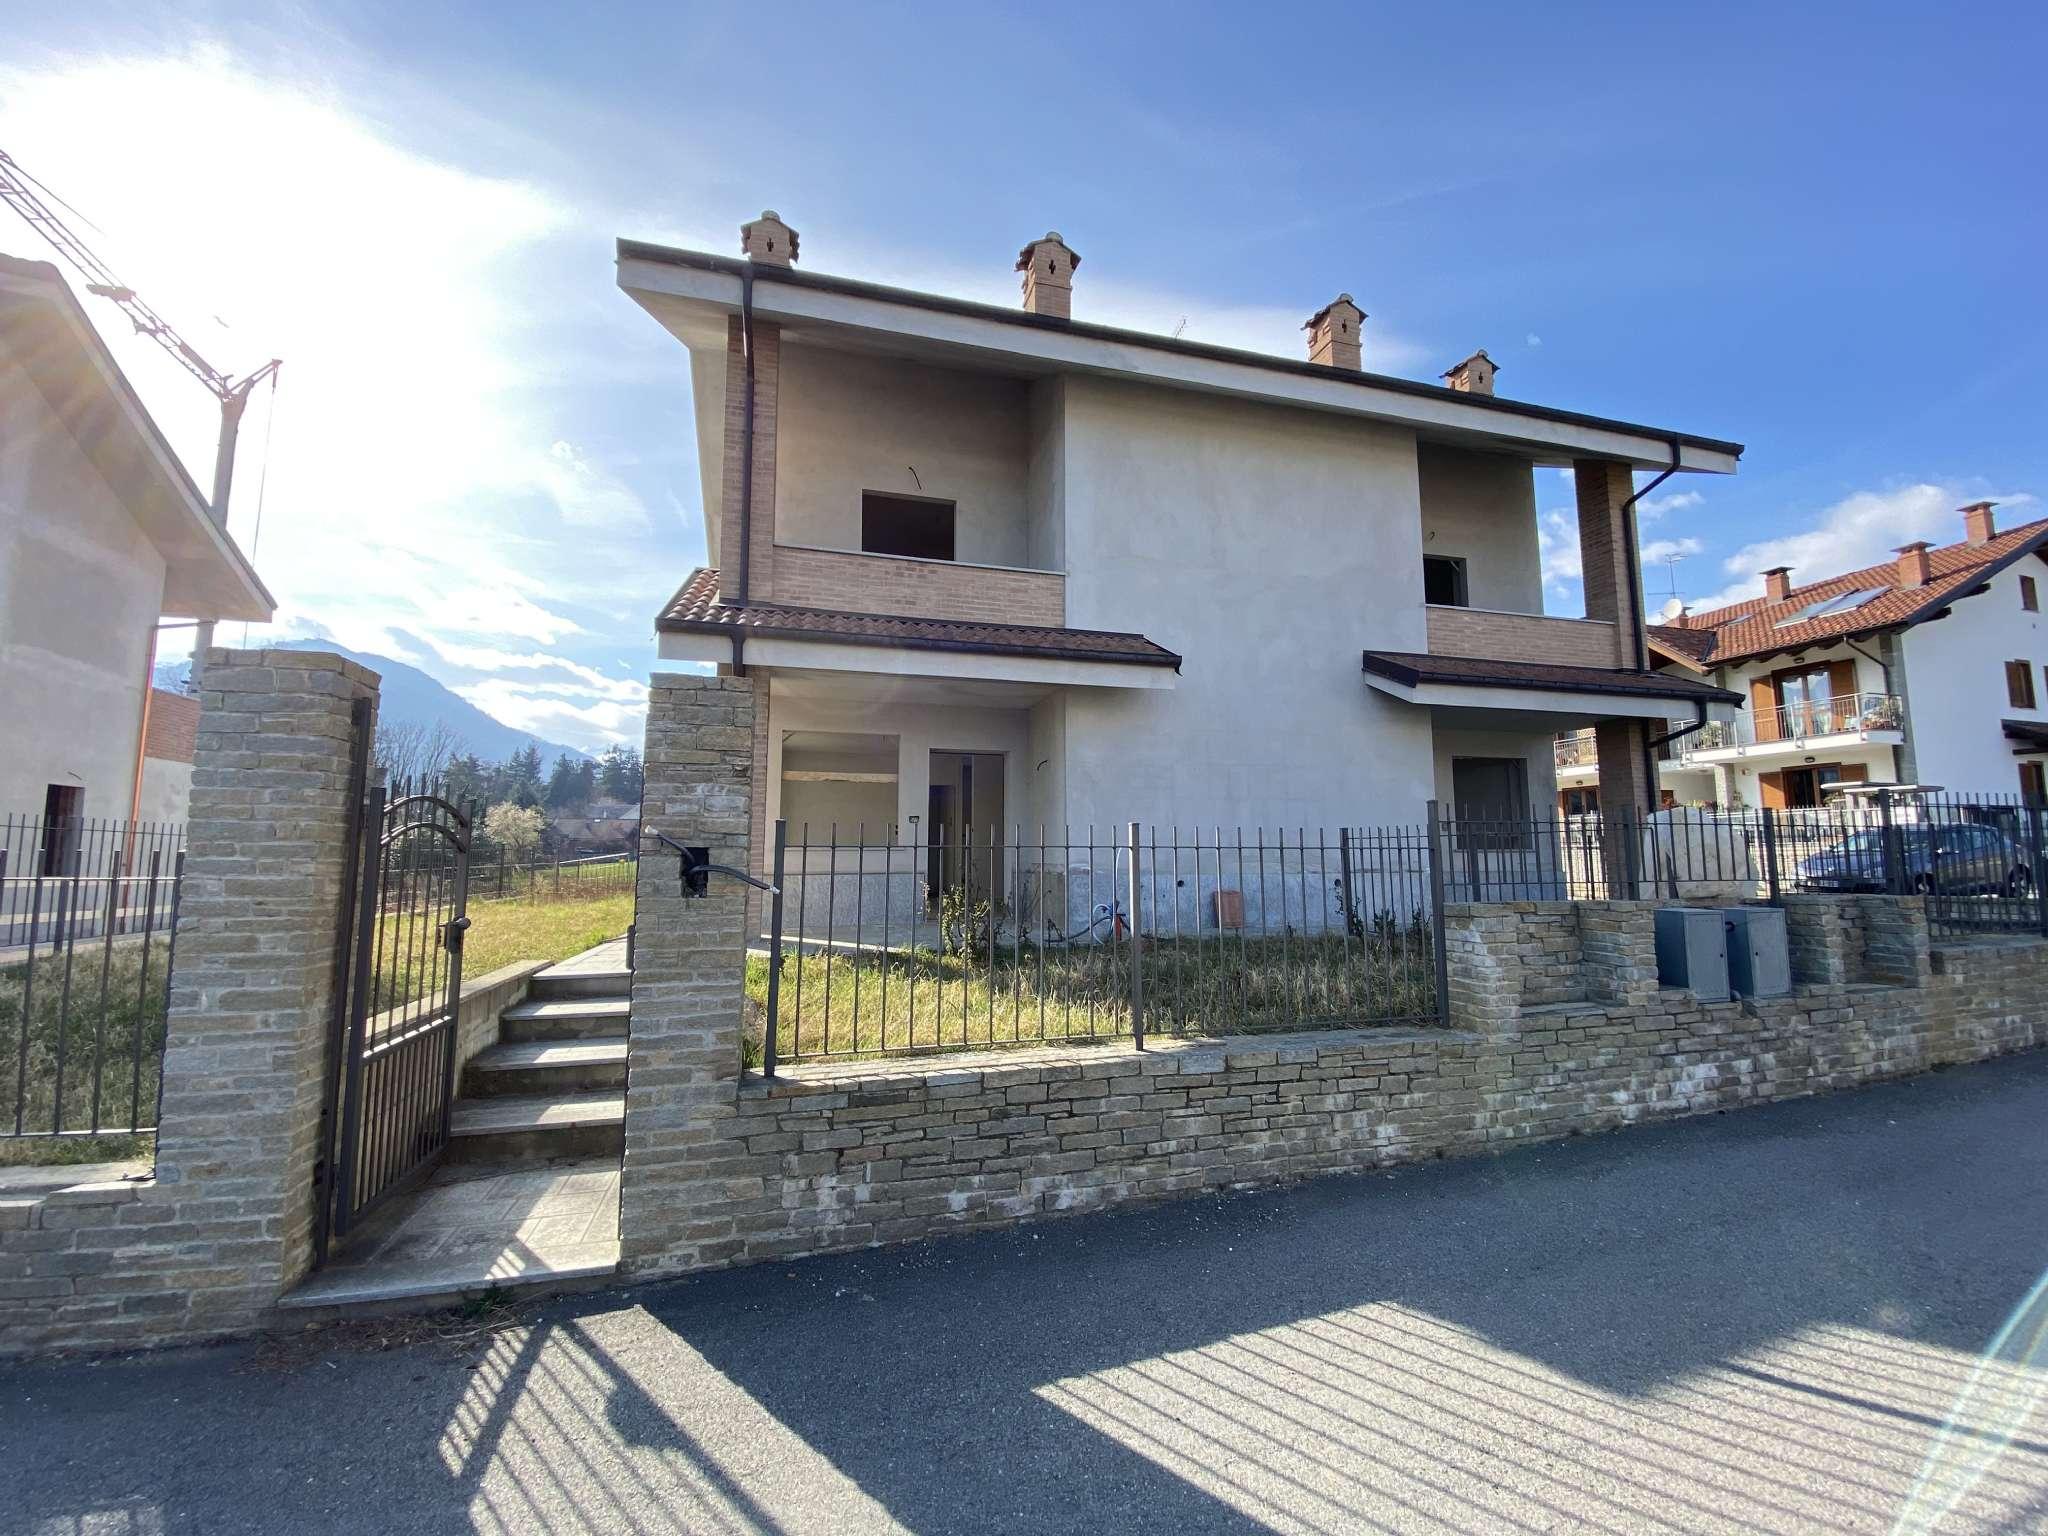 Villa Bifamiliare in vendita a Luserna San Giovanni, 11 locali, prezzo € 320.000   CambioCasa.it